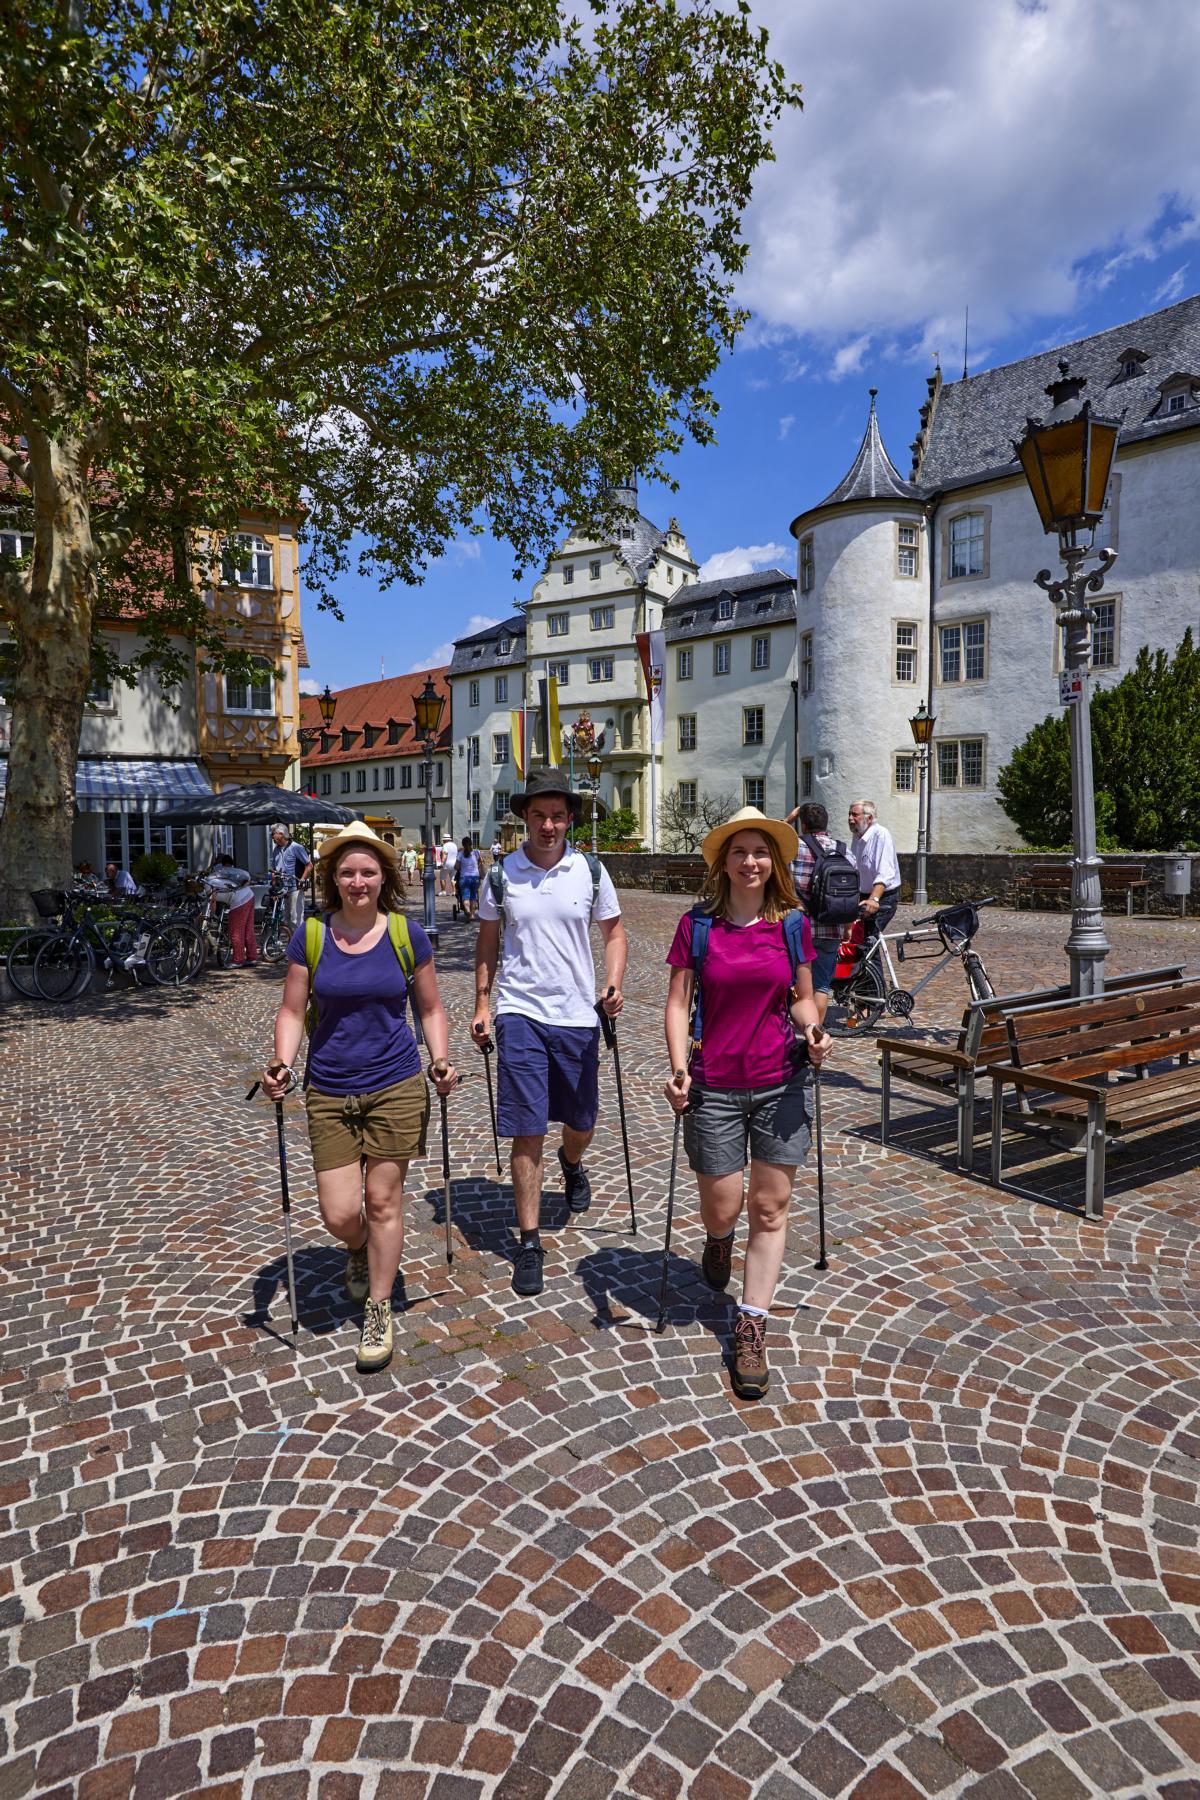 Unbedingt zu empfehlen: Ein Besuch der Stadt Bad Mergentheim.